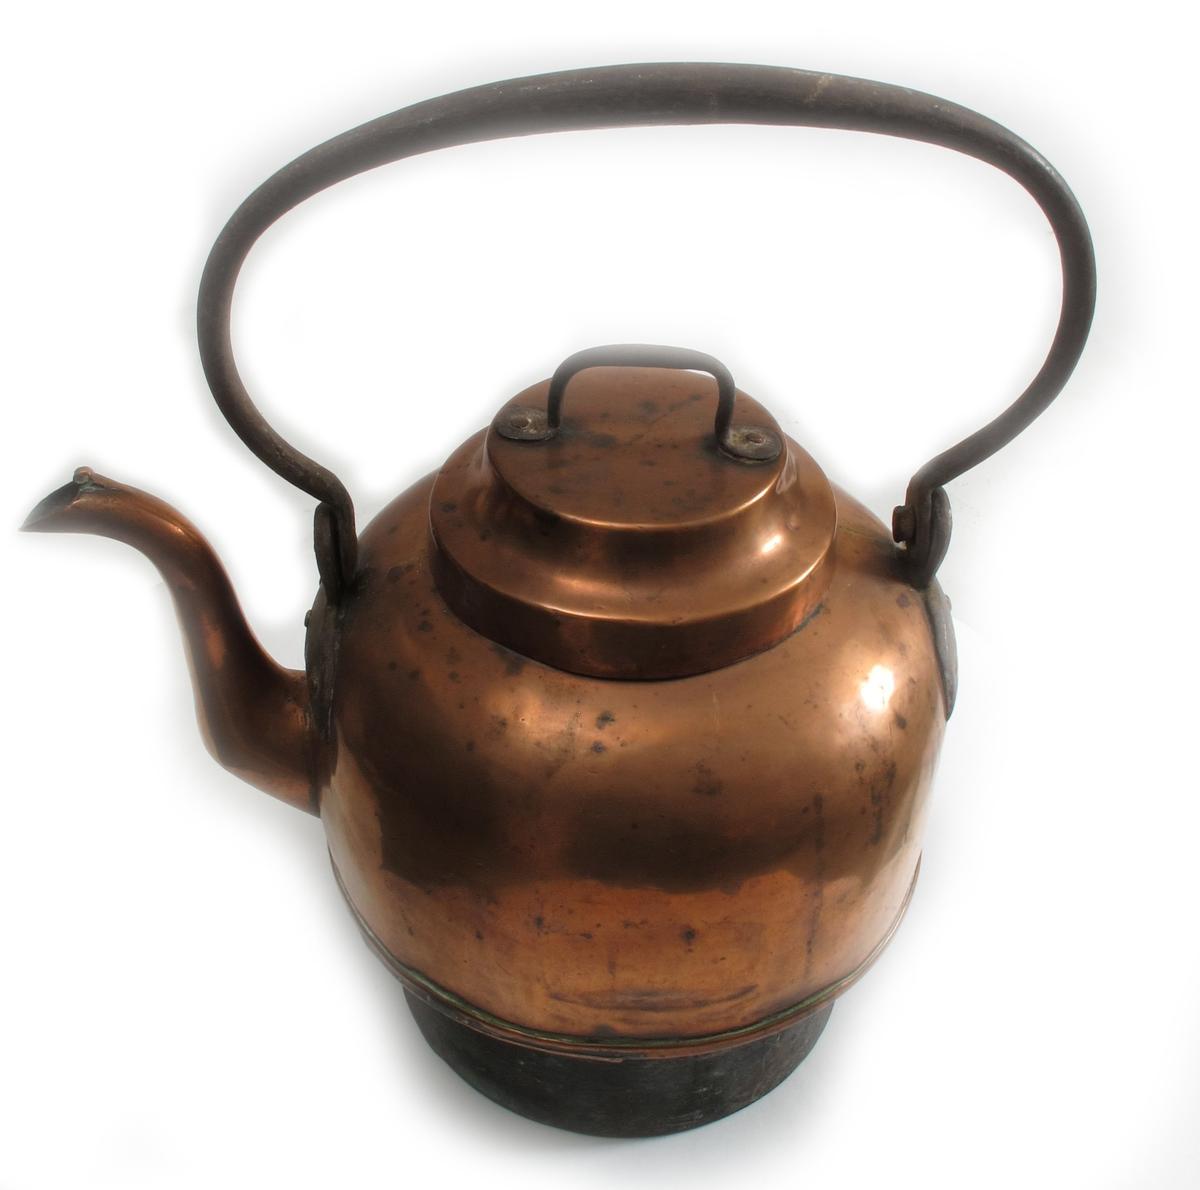 Kaffekjele   for komfyr,  2. halvdel 1800 tallet.  Kobber, jern  hank. Kjele med sylindrisk nedre del, over denne er  korpus bredere, rundet oventil, med rundet jernhank.  Lokk med flat topp og jernhank.